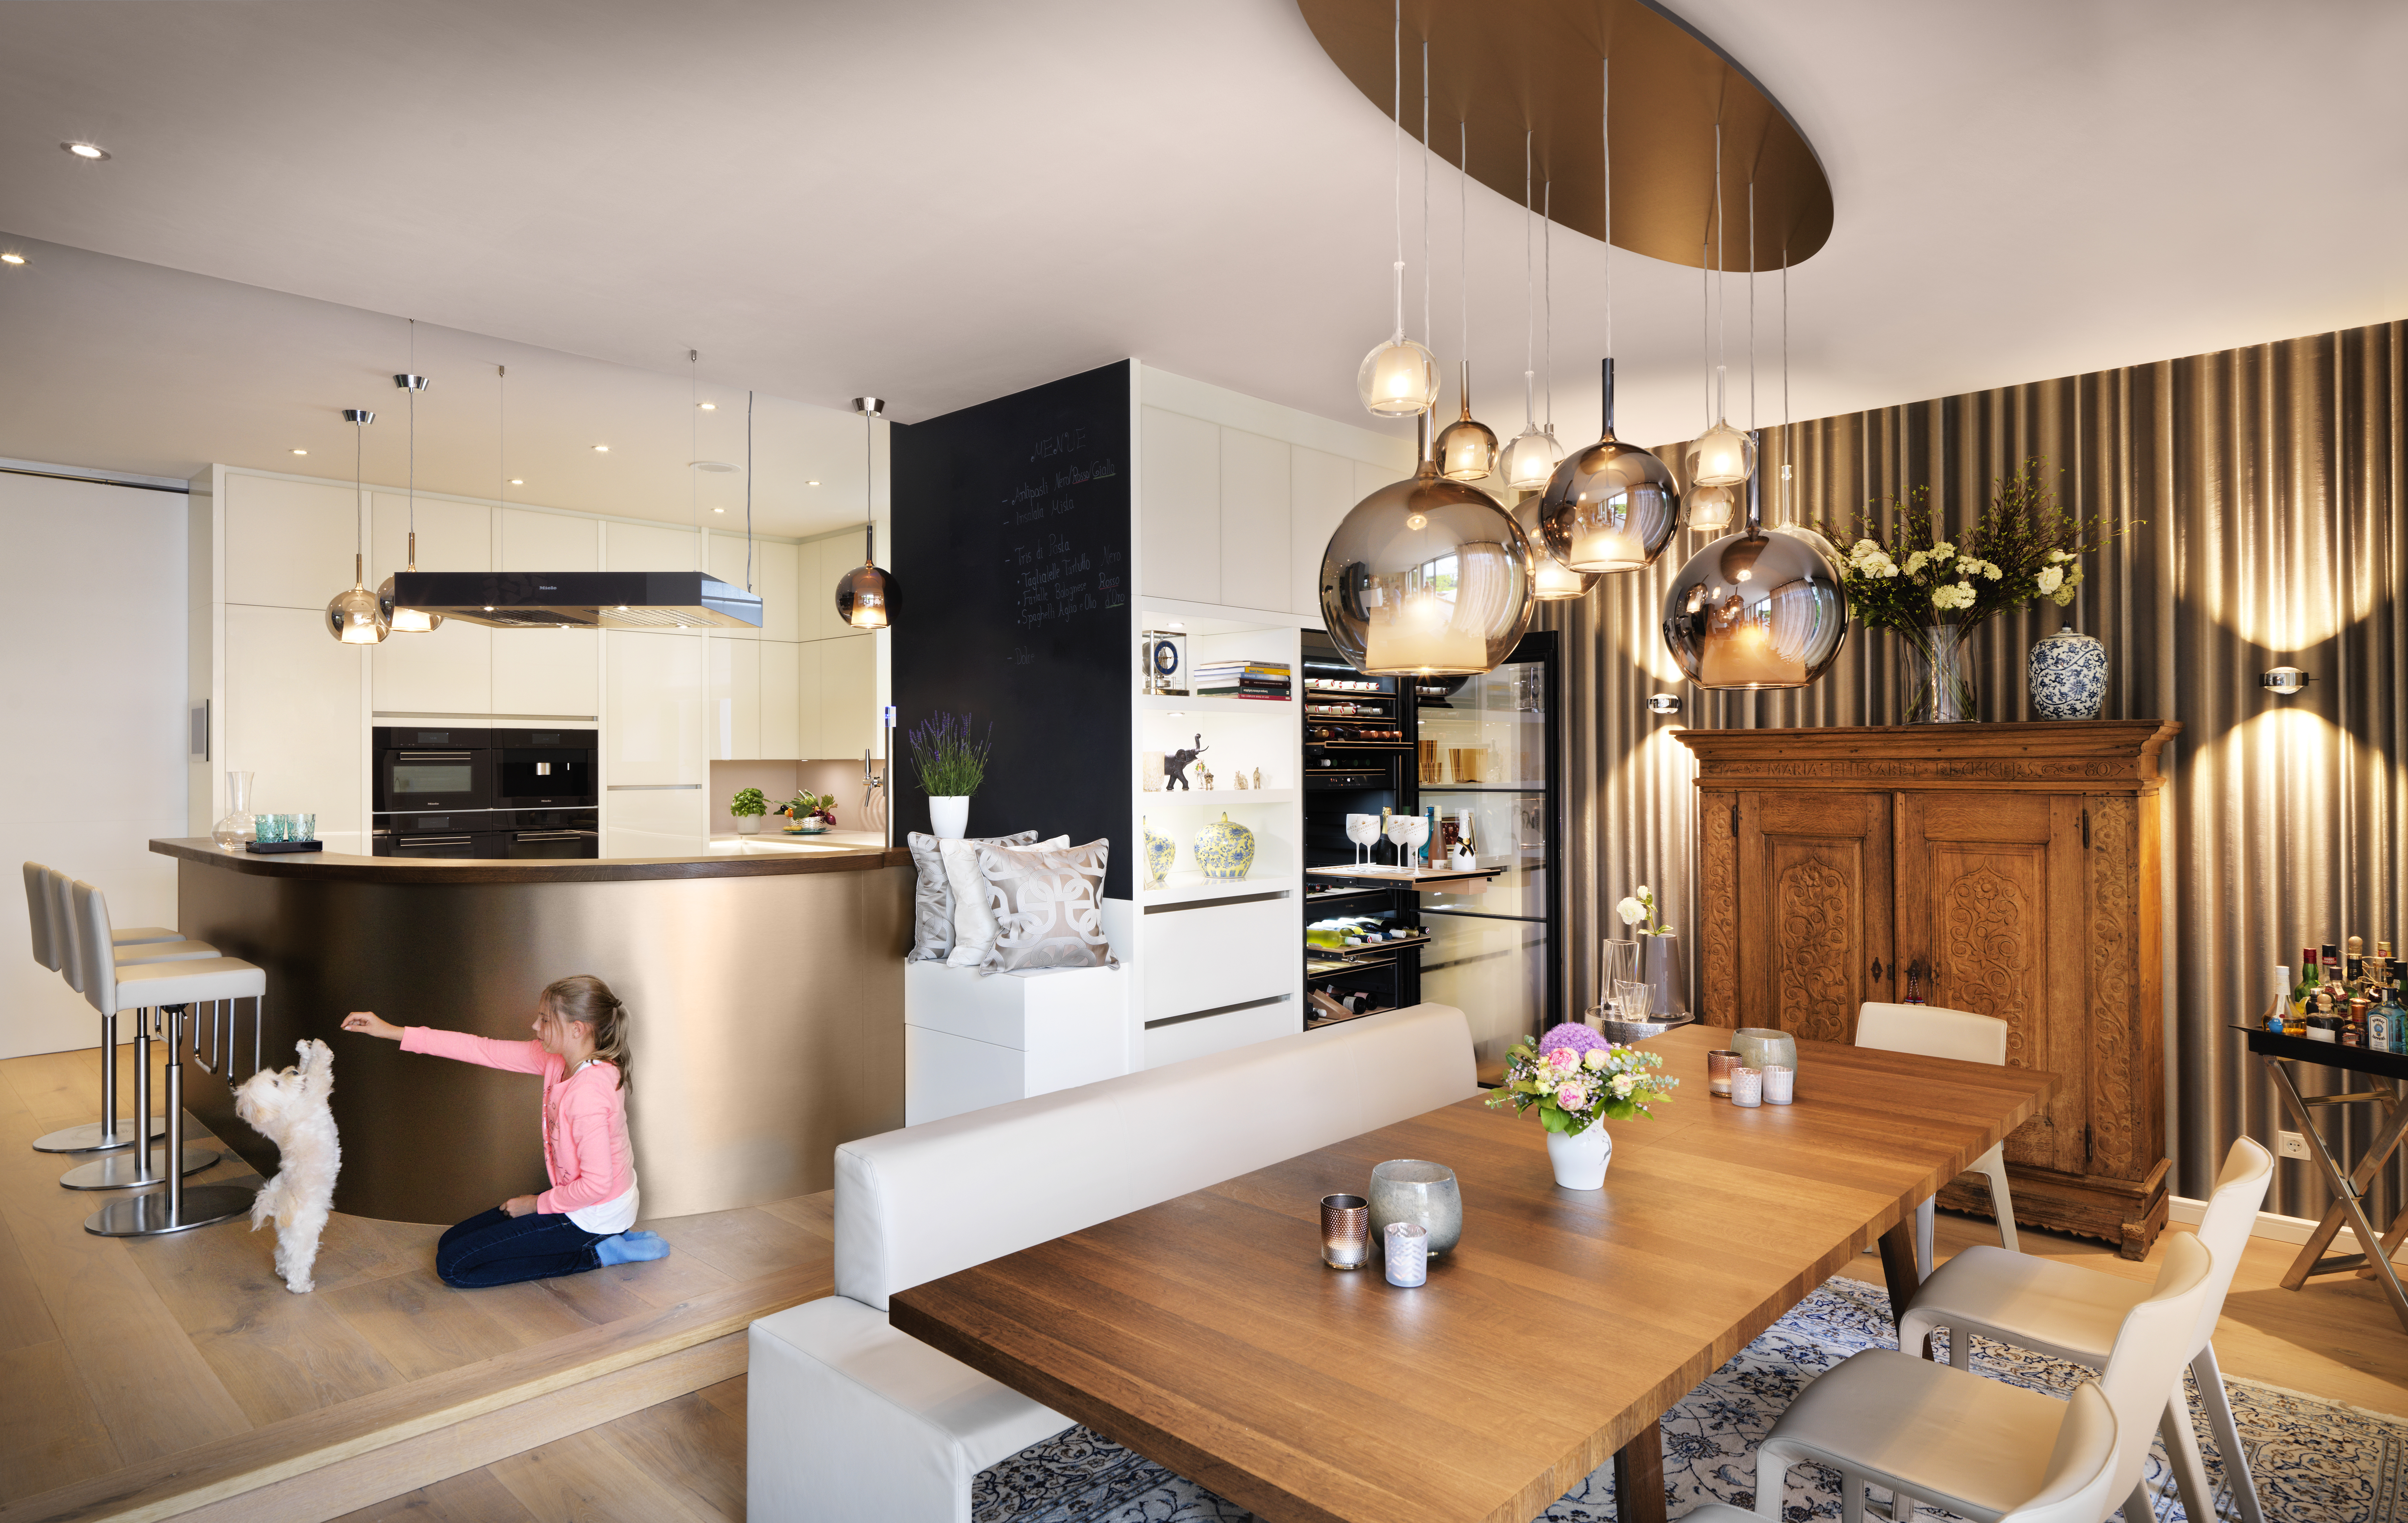 Kuchengeschichte Und Kitchenstory Vom Kuchenstudio Erding Kuche Co